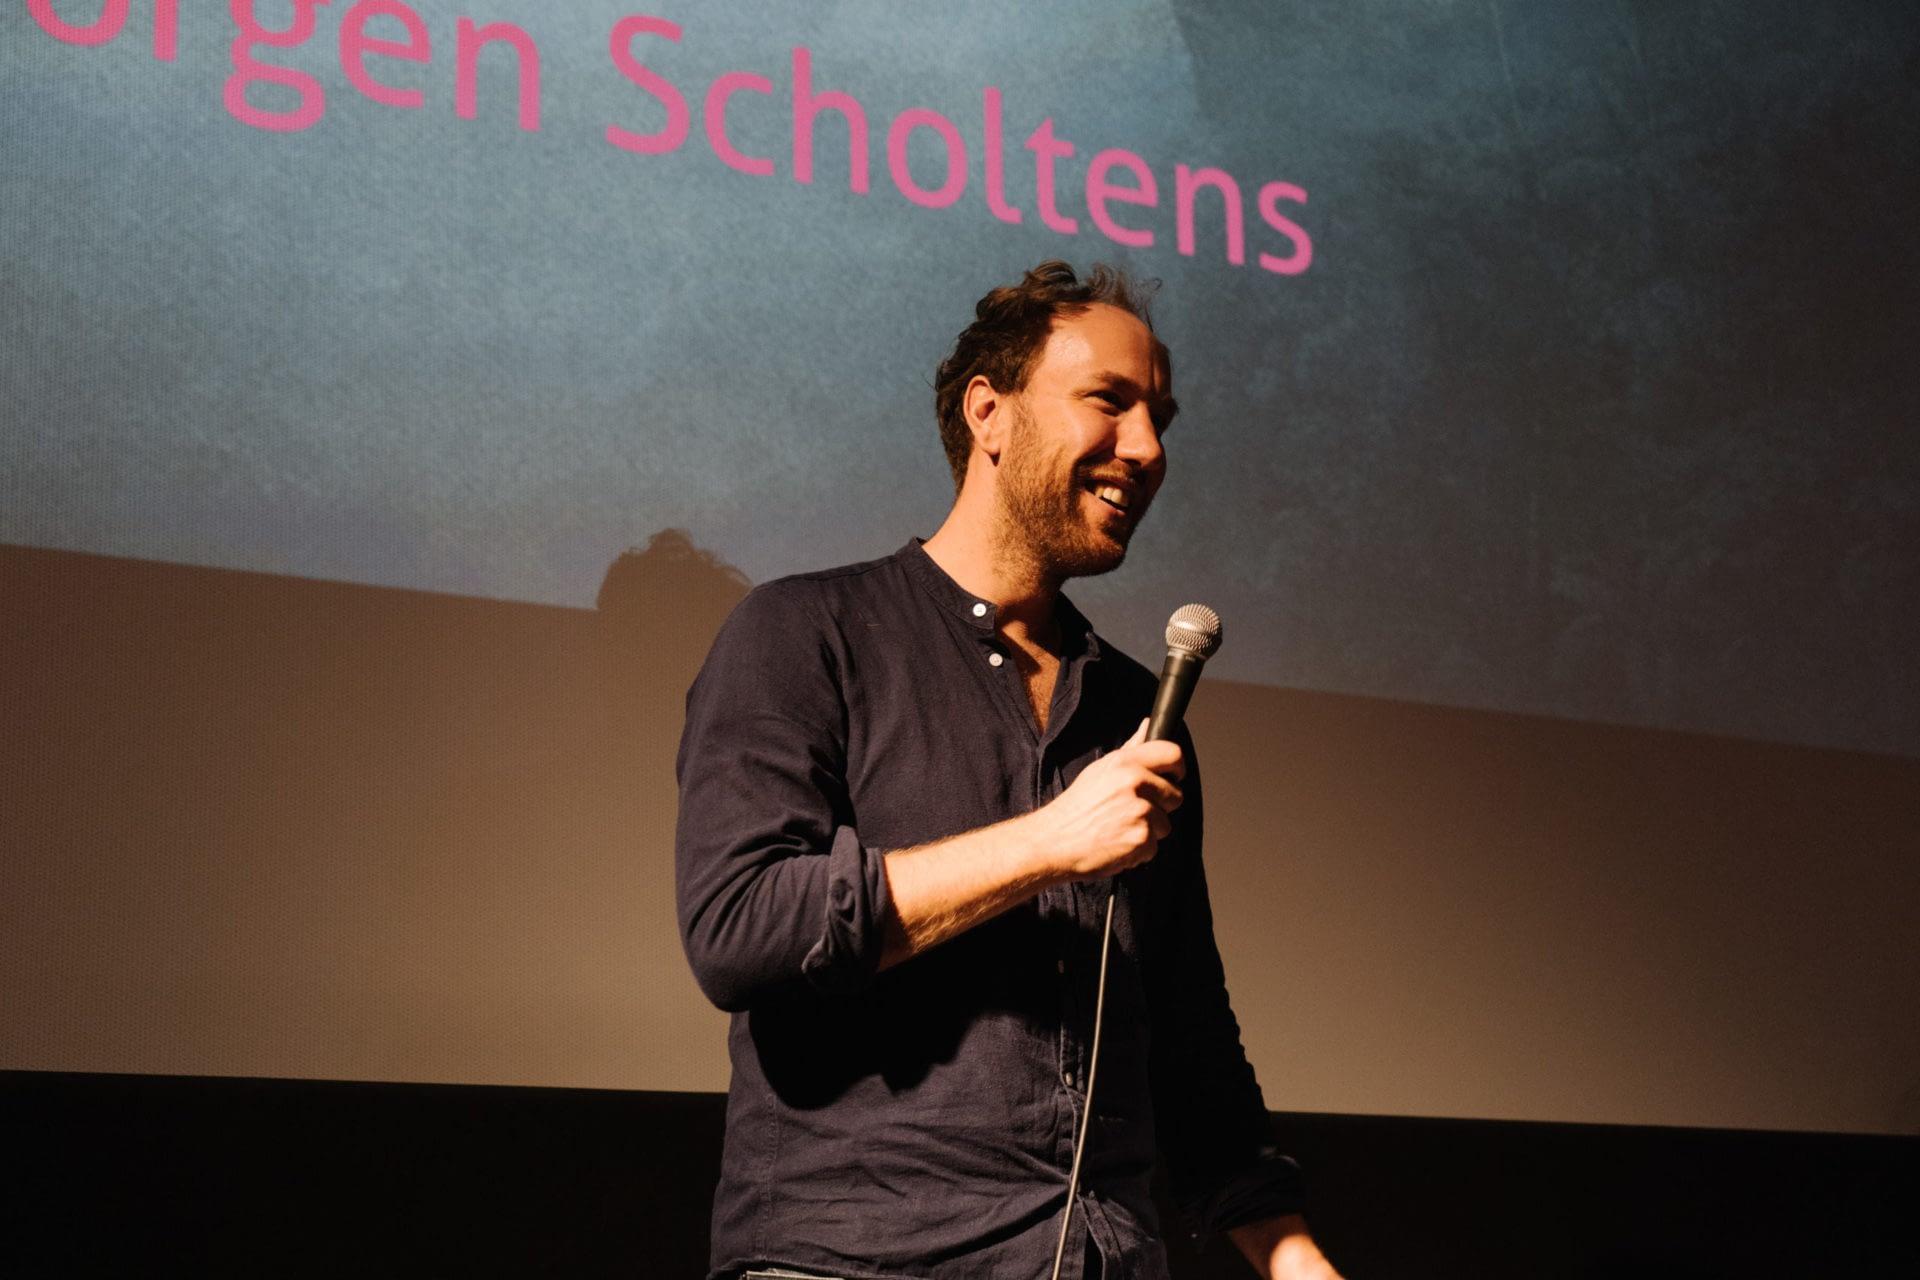 Jörgen Scholtens Koekoek (2019) Melies d'argent